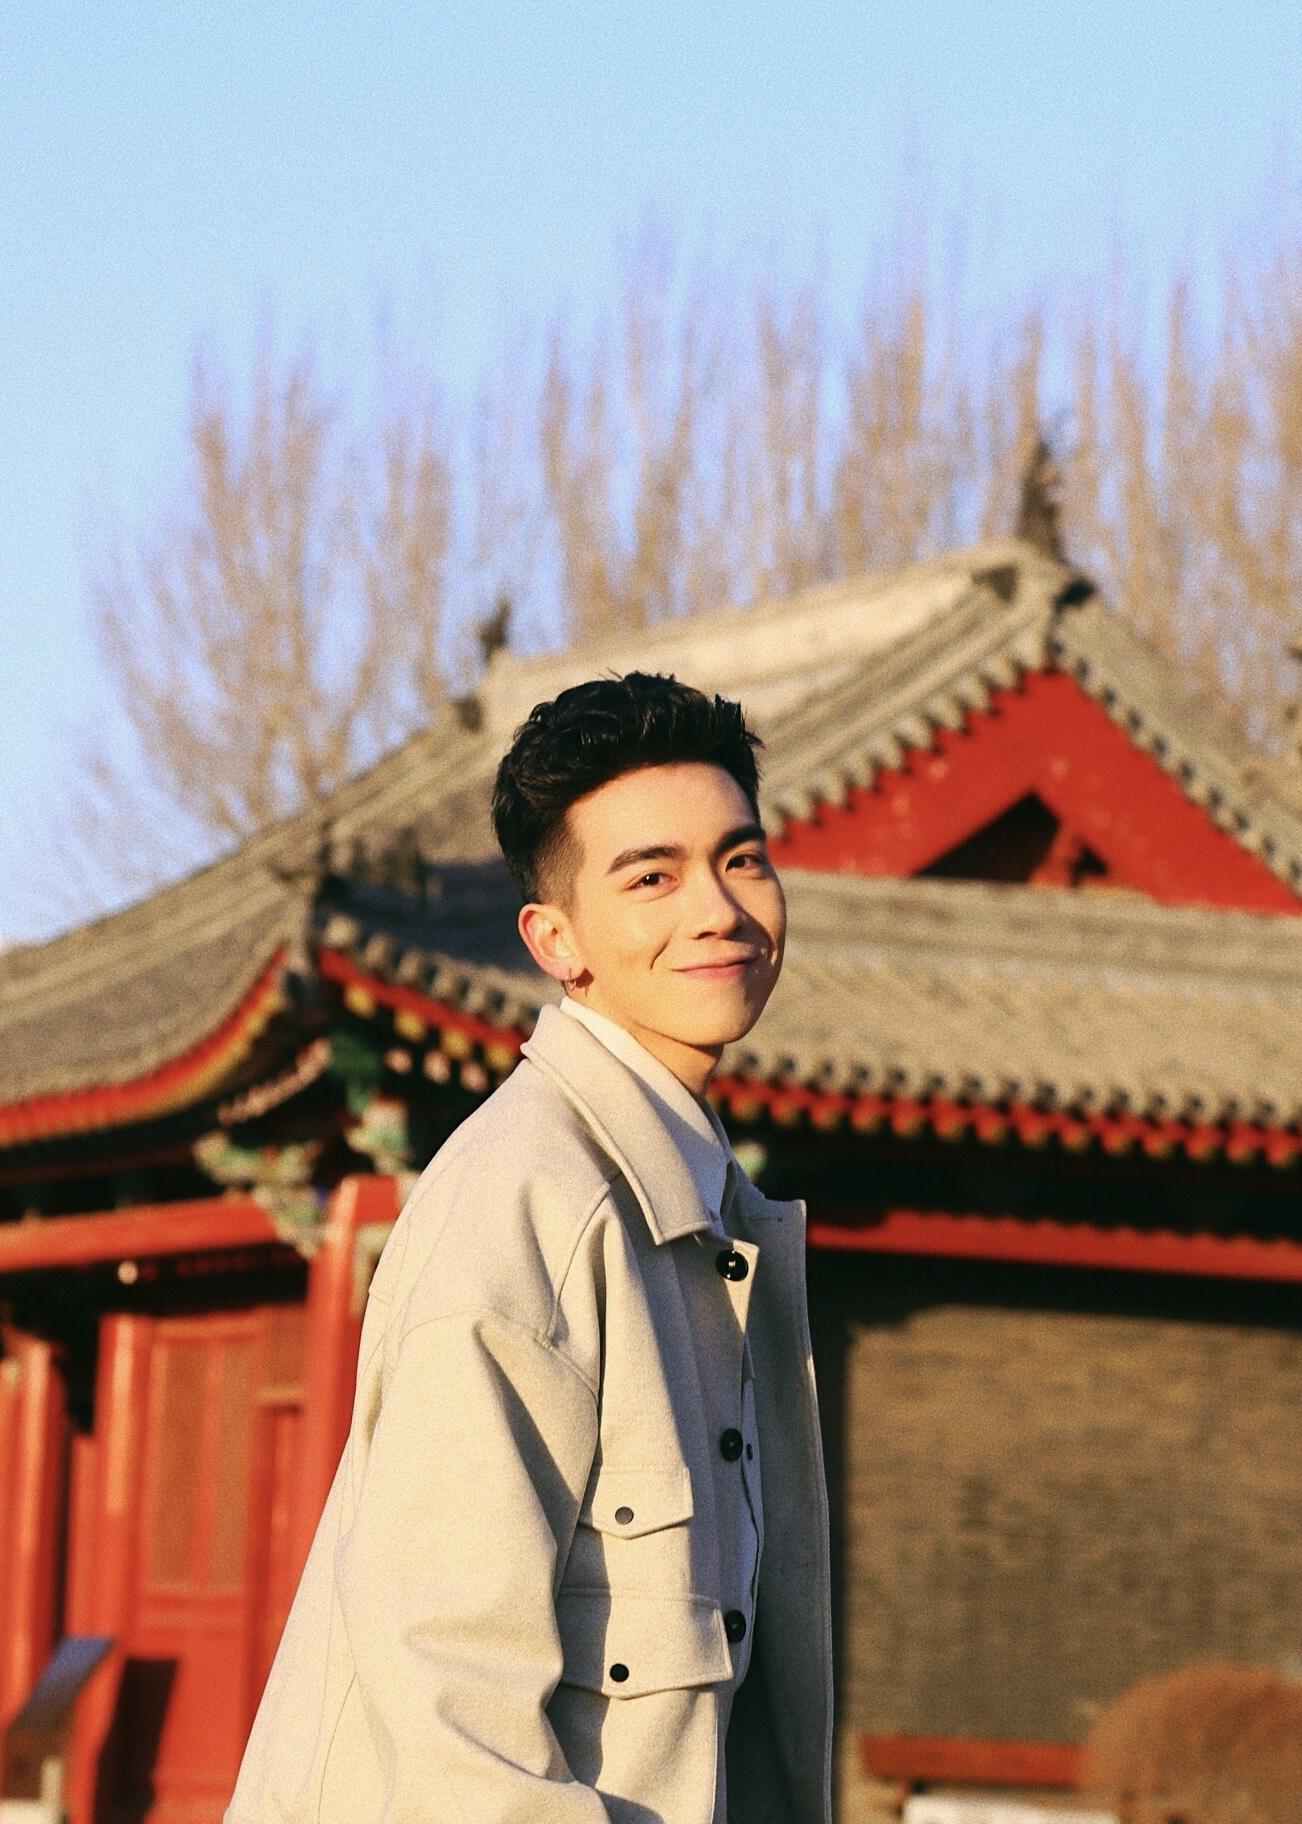 电影《蛇王》今日开机青年演员高子健未来可期